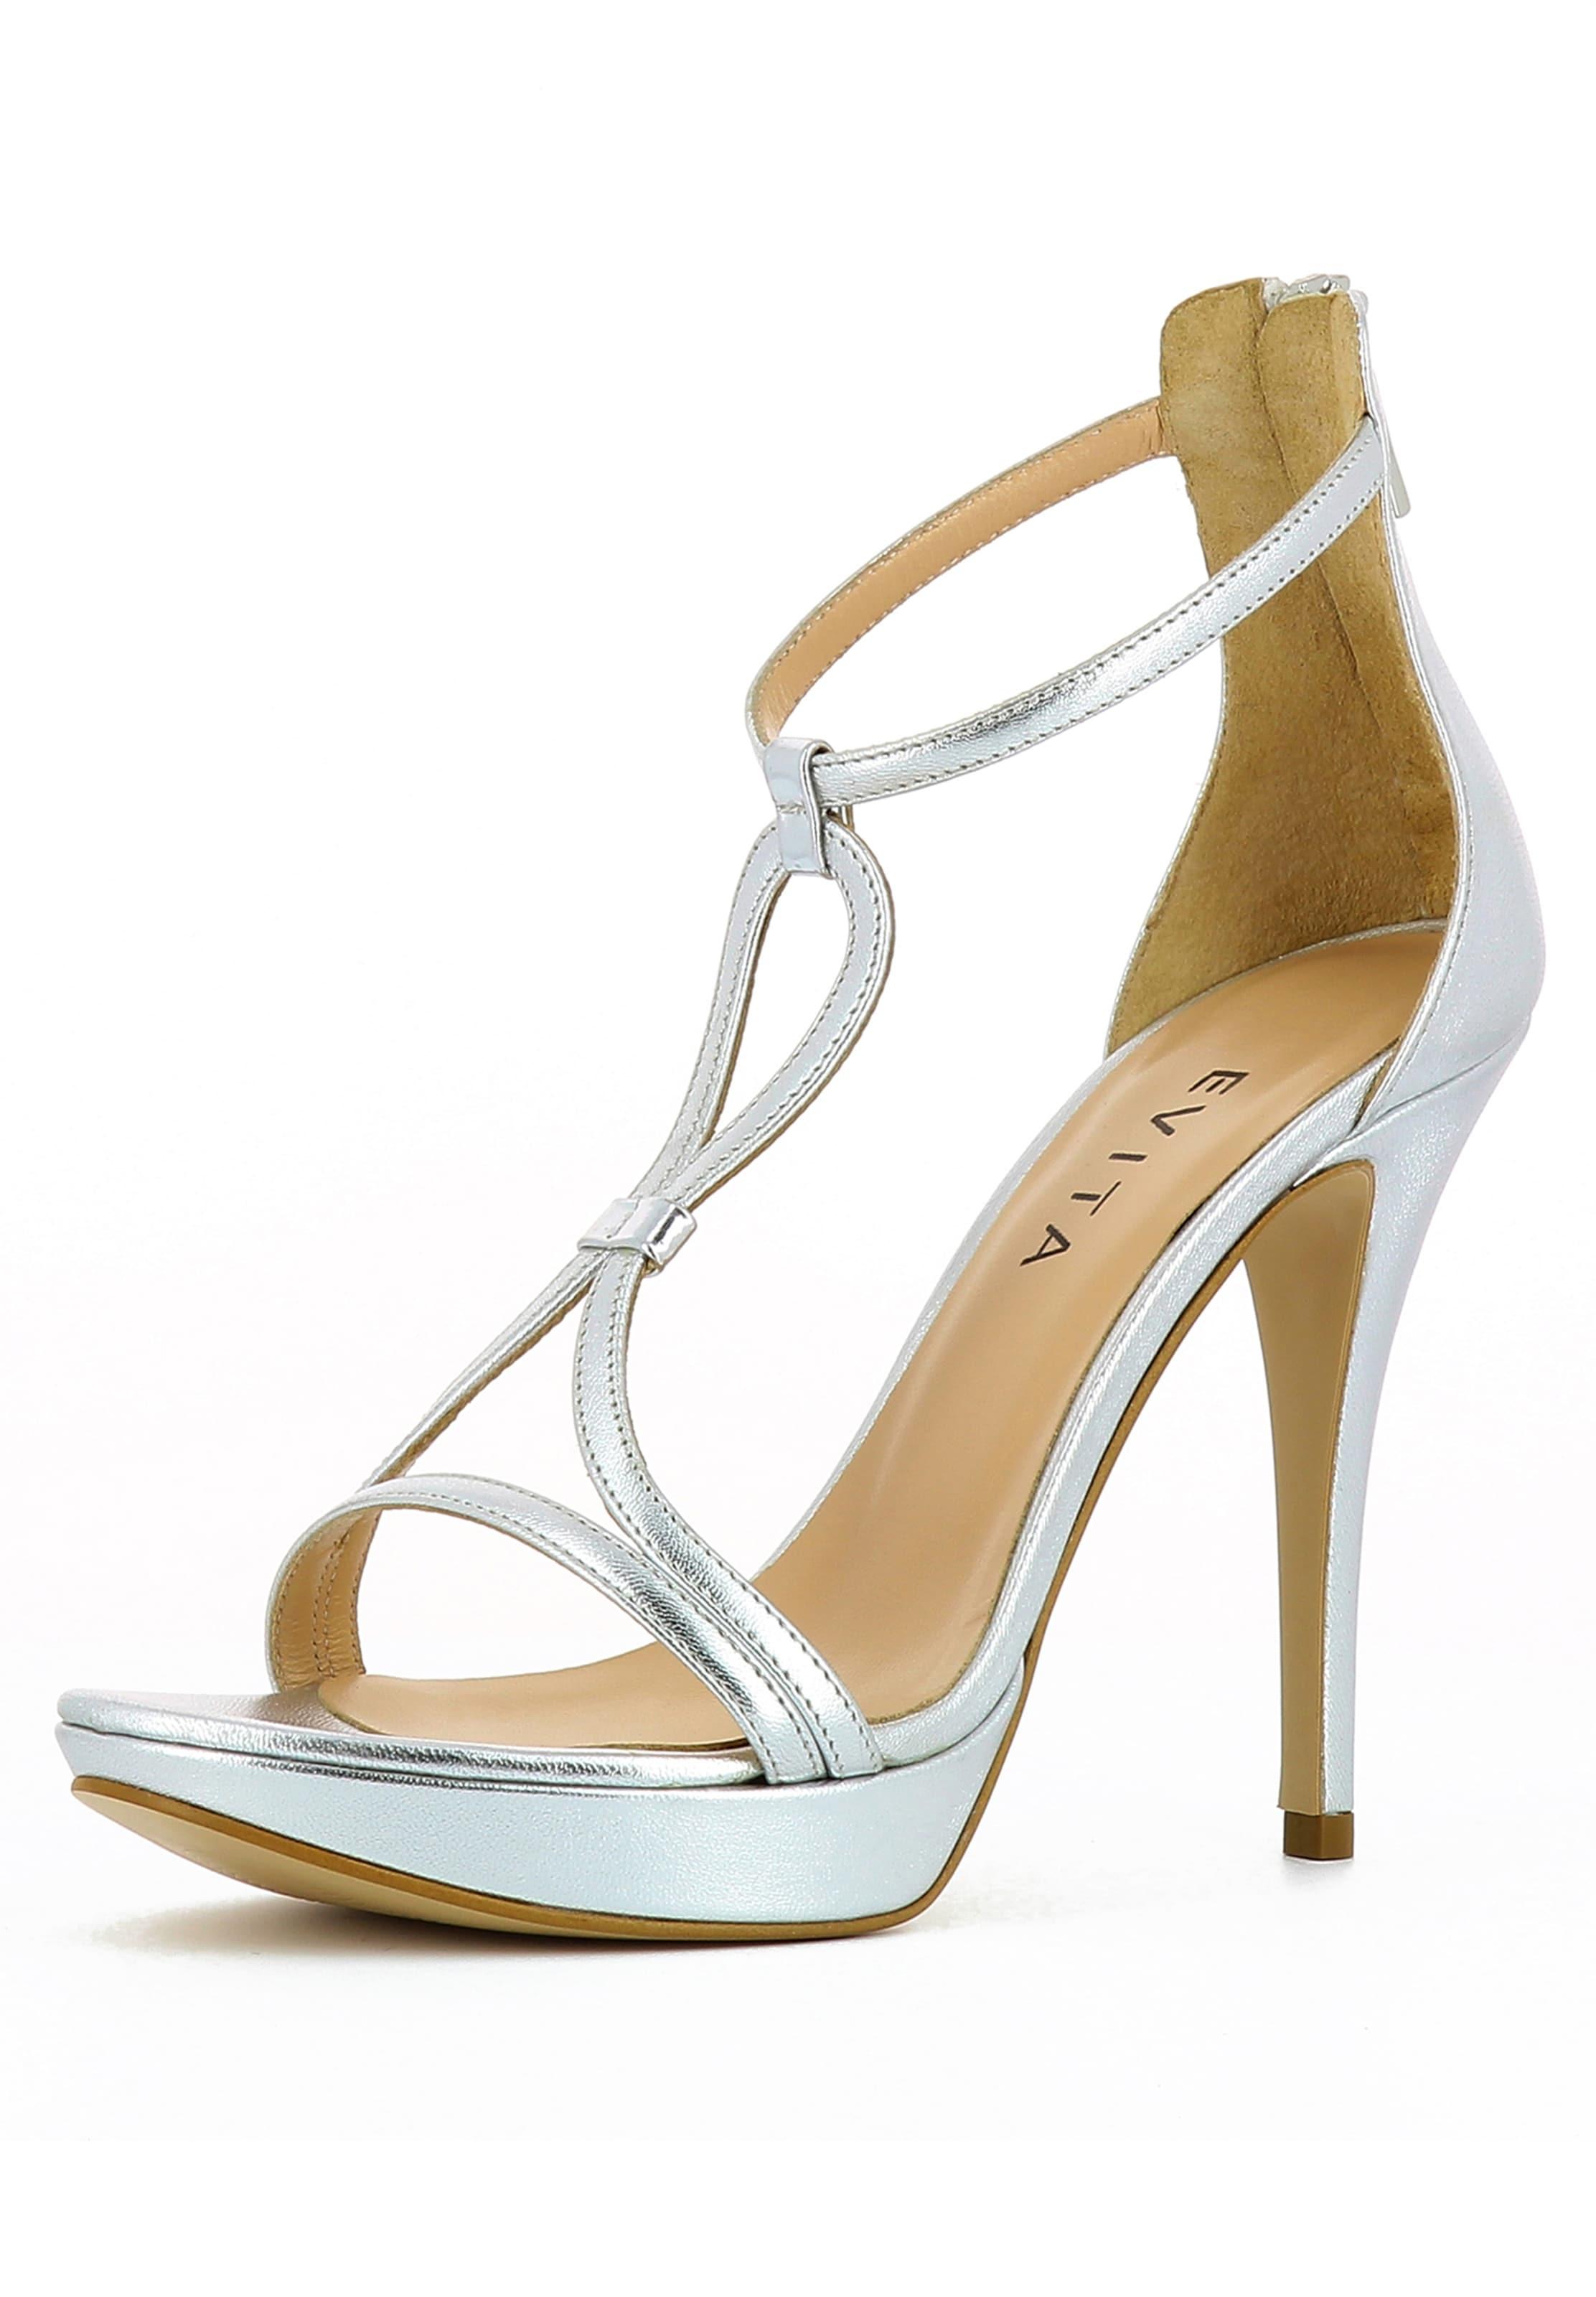 EVITA Damen Sandalette Verschleißfeste billige Schuhe